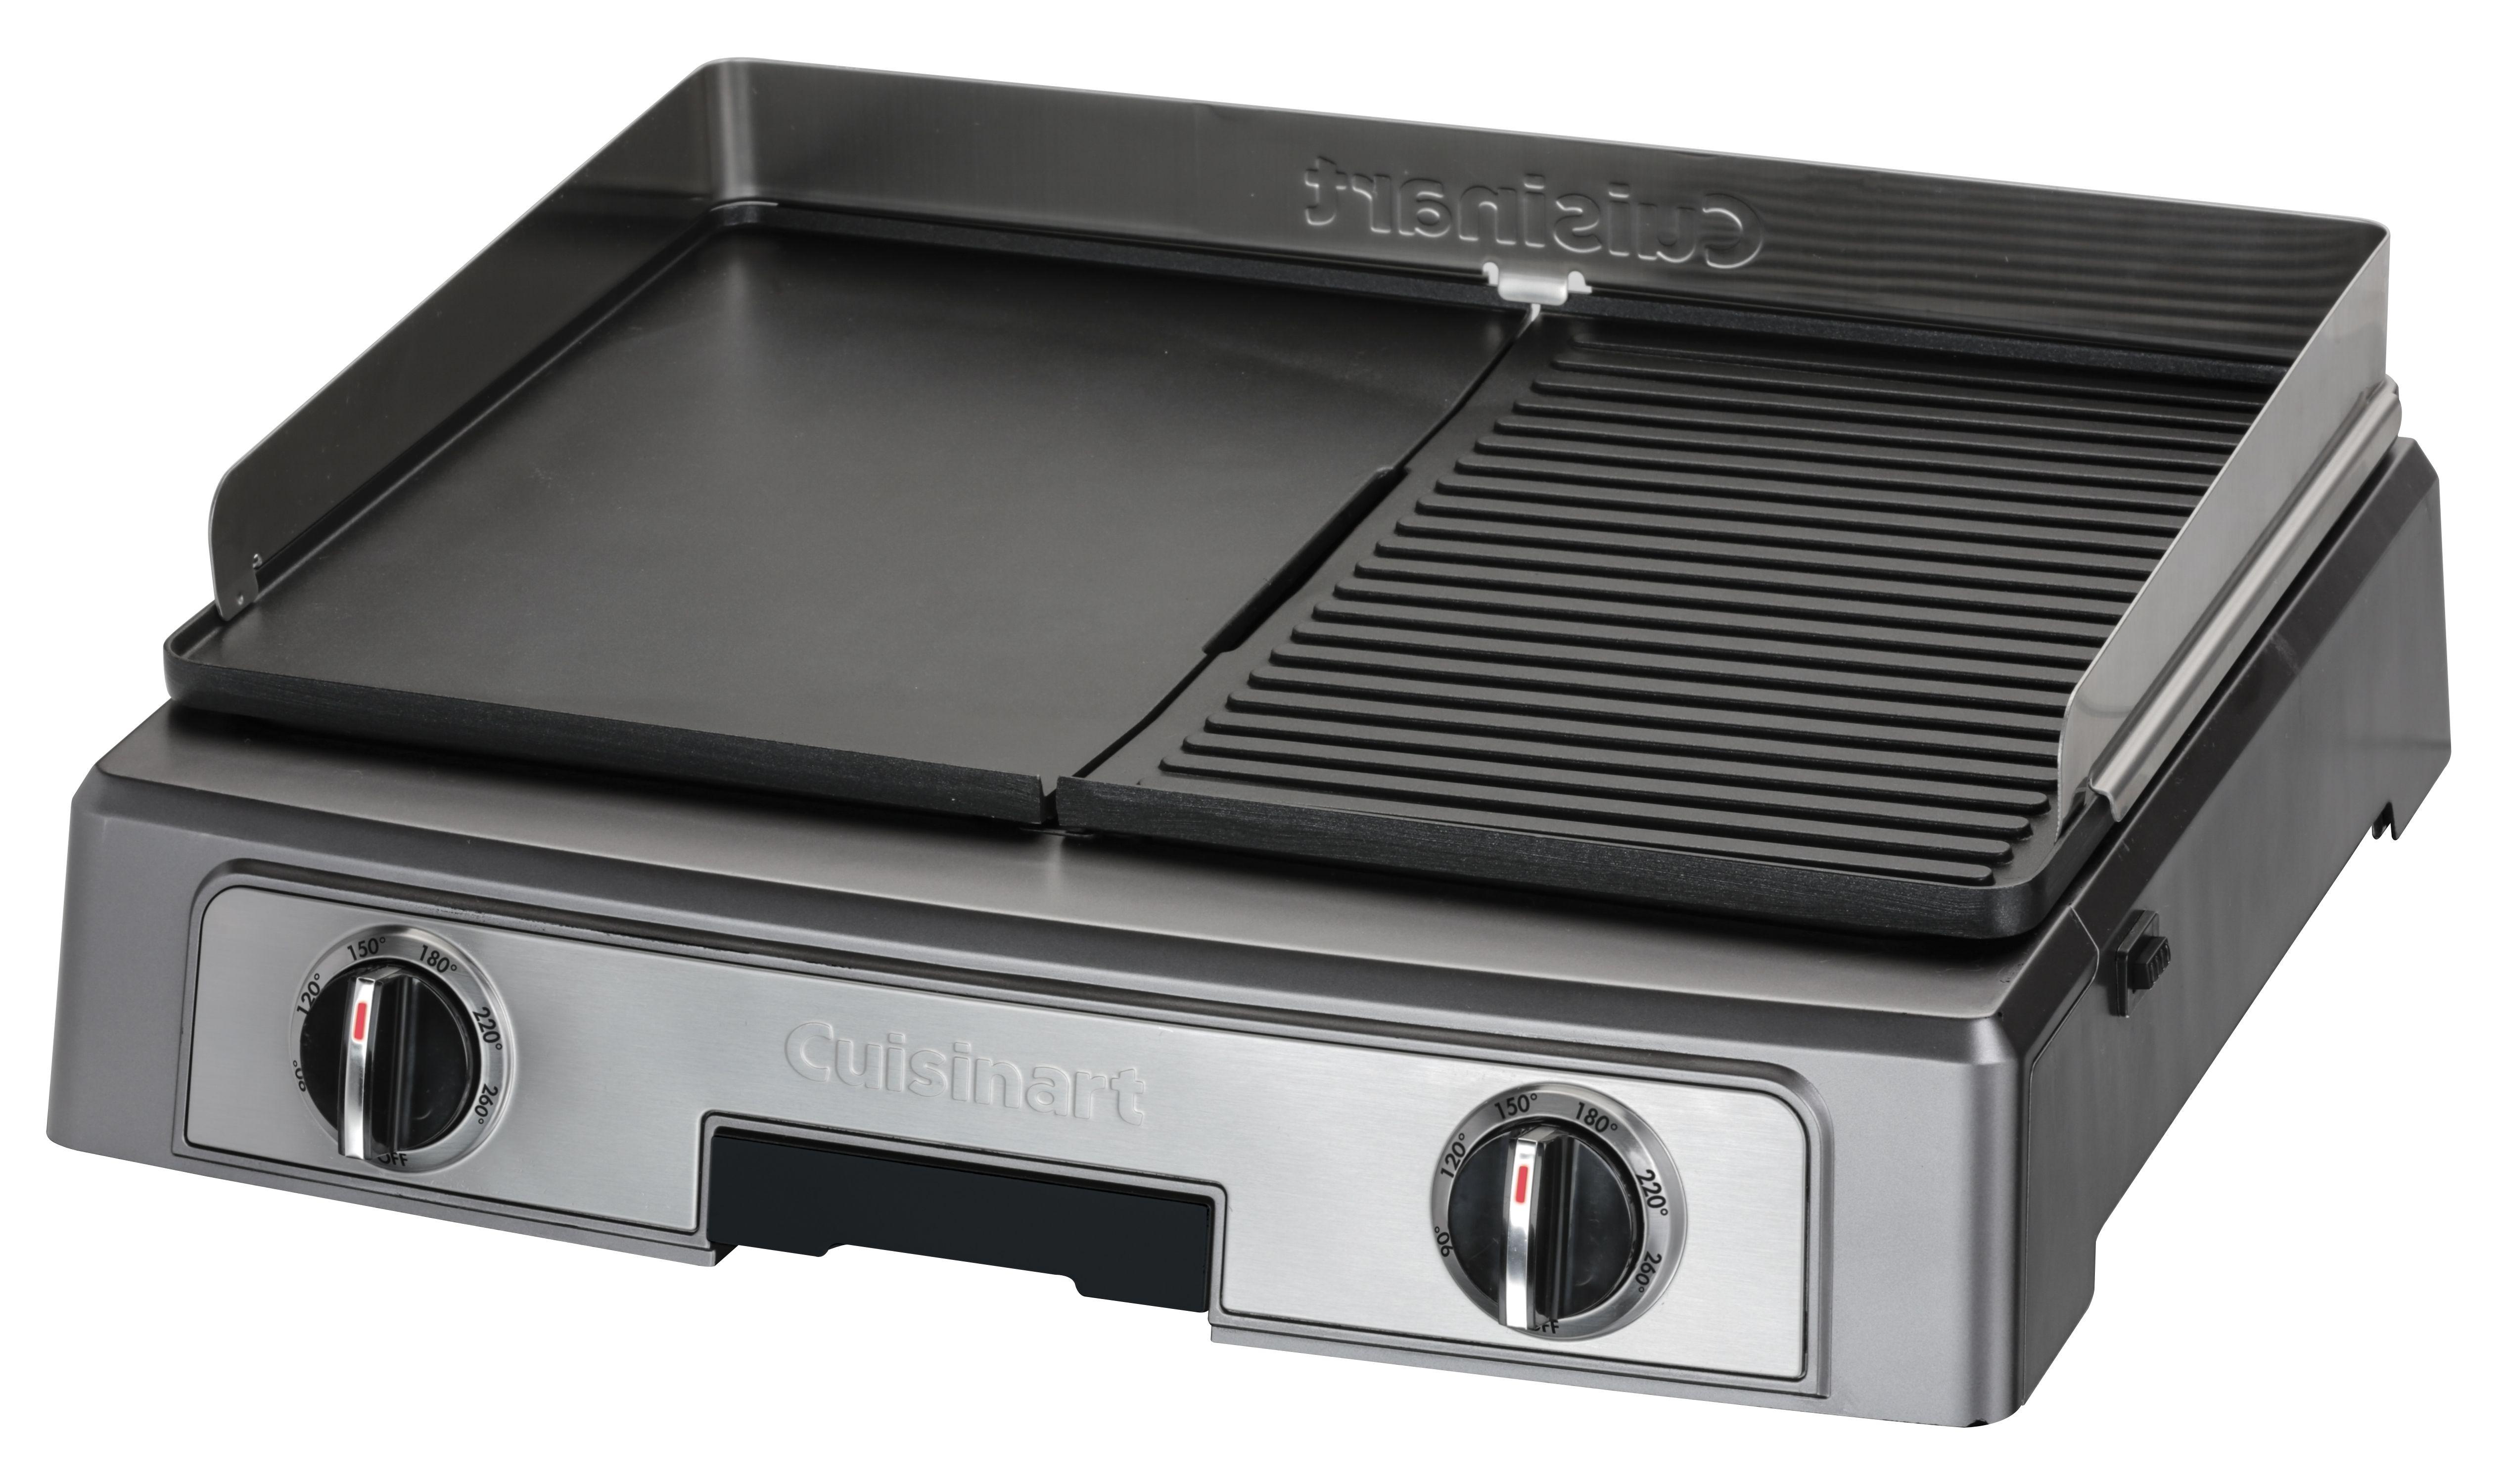 pl50e - plancha barbecue power : plaques xl, acier brossé, 2200w